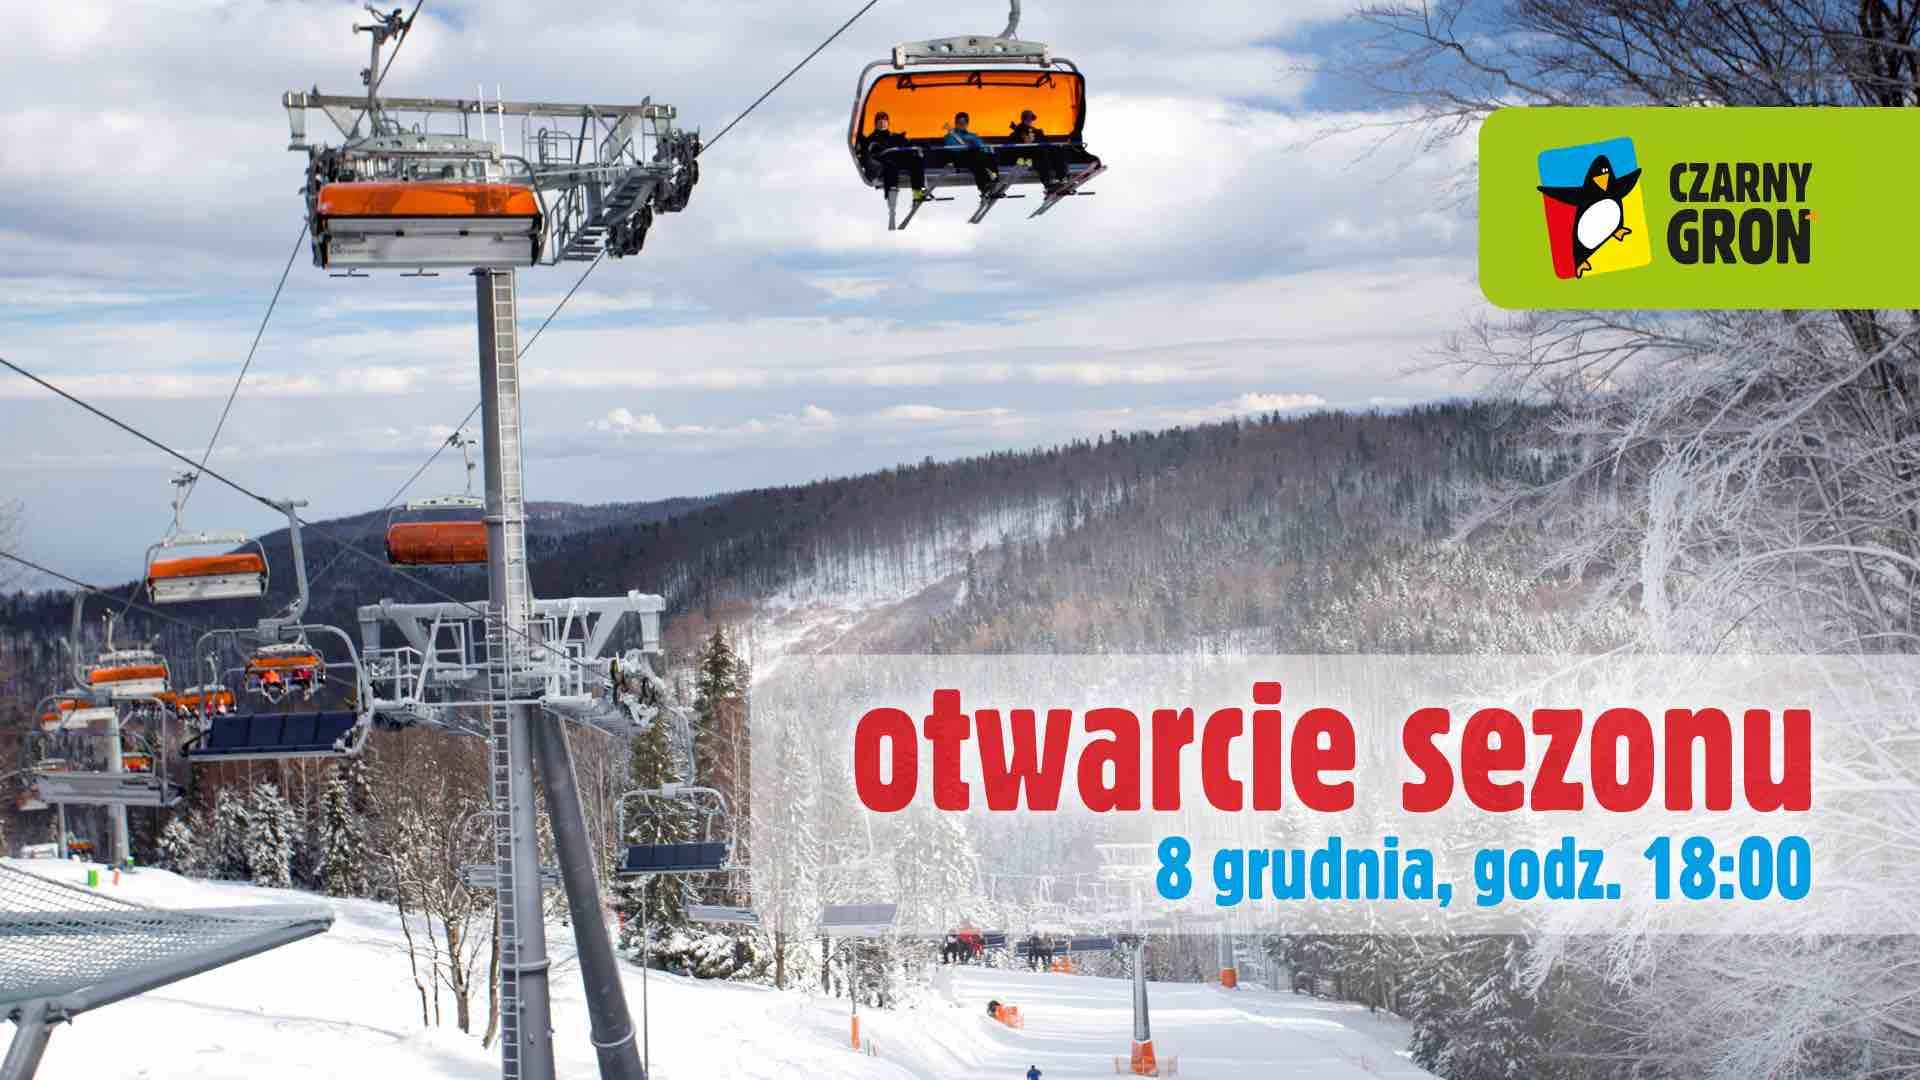 SPORT. Rusza sezon narciarski w Czarnym Groniu